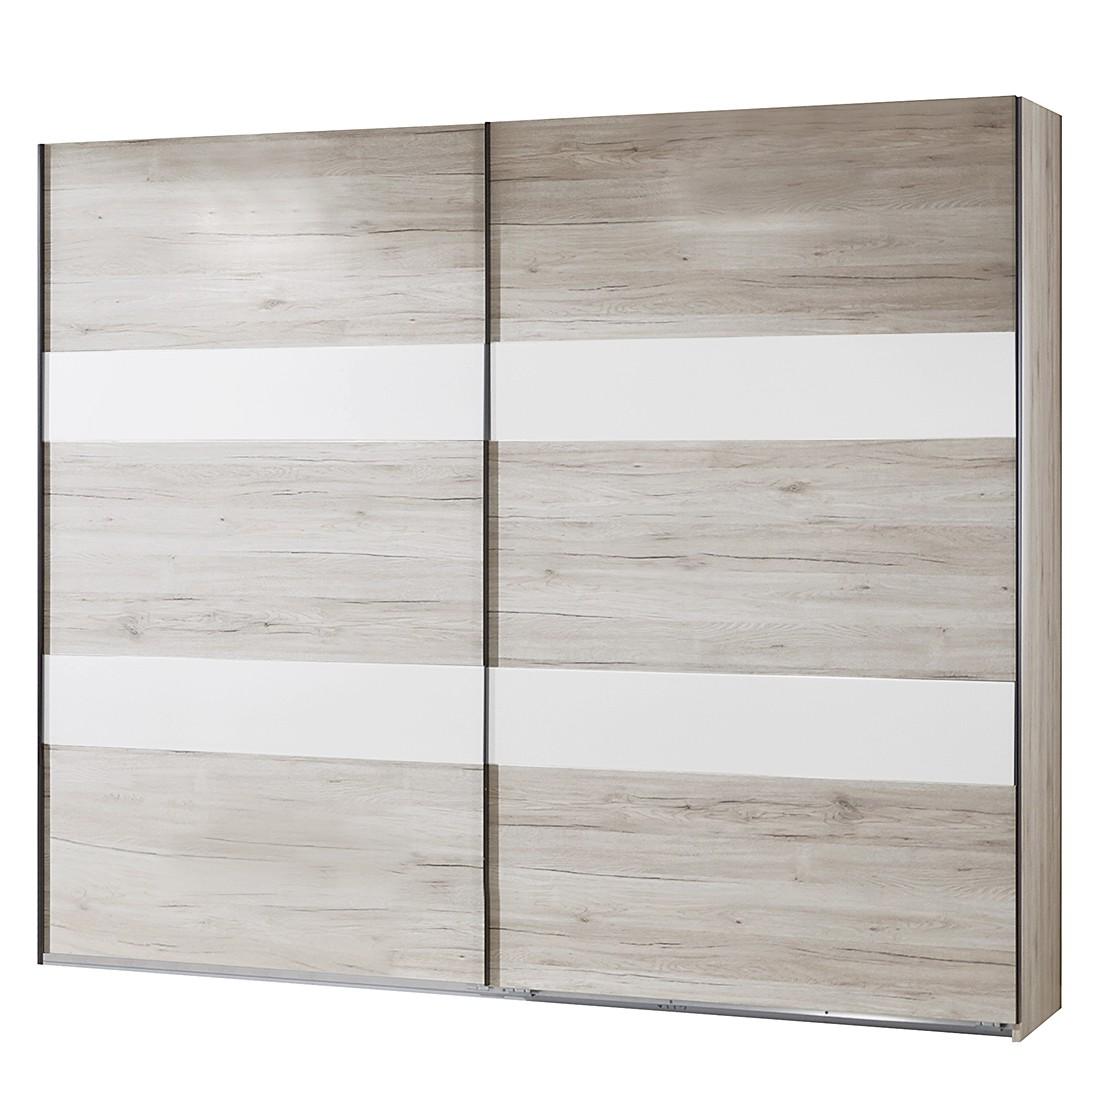 schwebet renschrank enjoy eiche sanremo dekor alpinwei. Black Bedroom Furniture Sets. Home Design Ideas